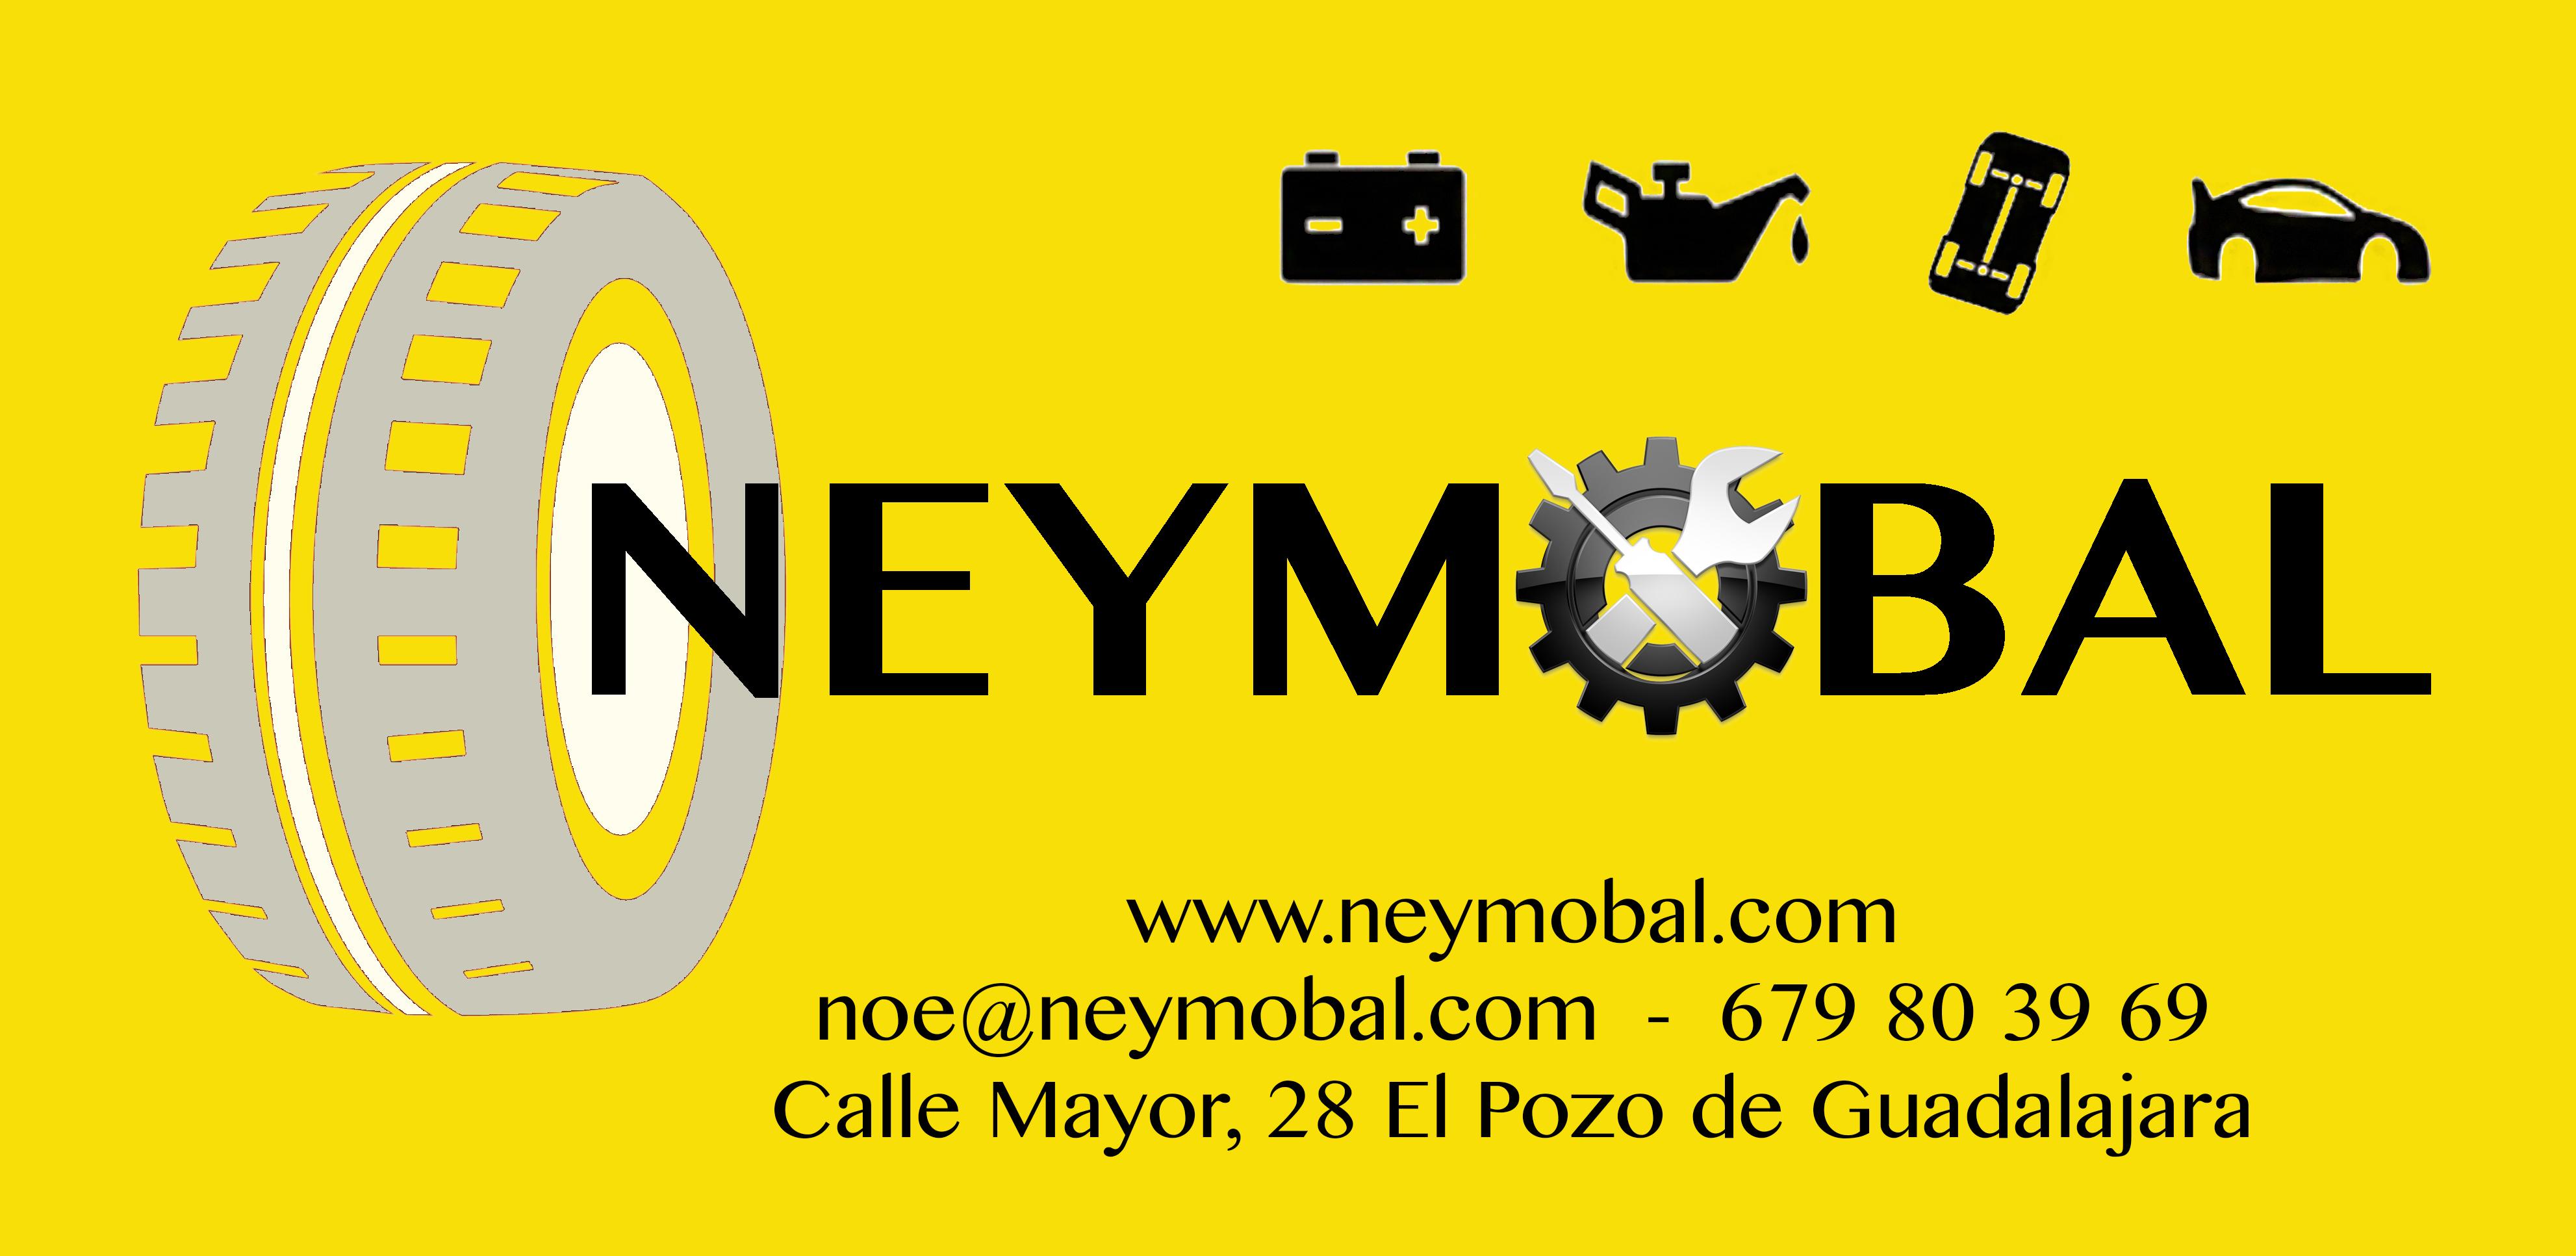 08 Neymobal